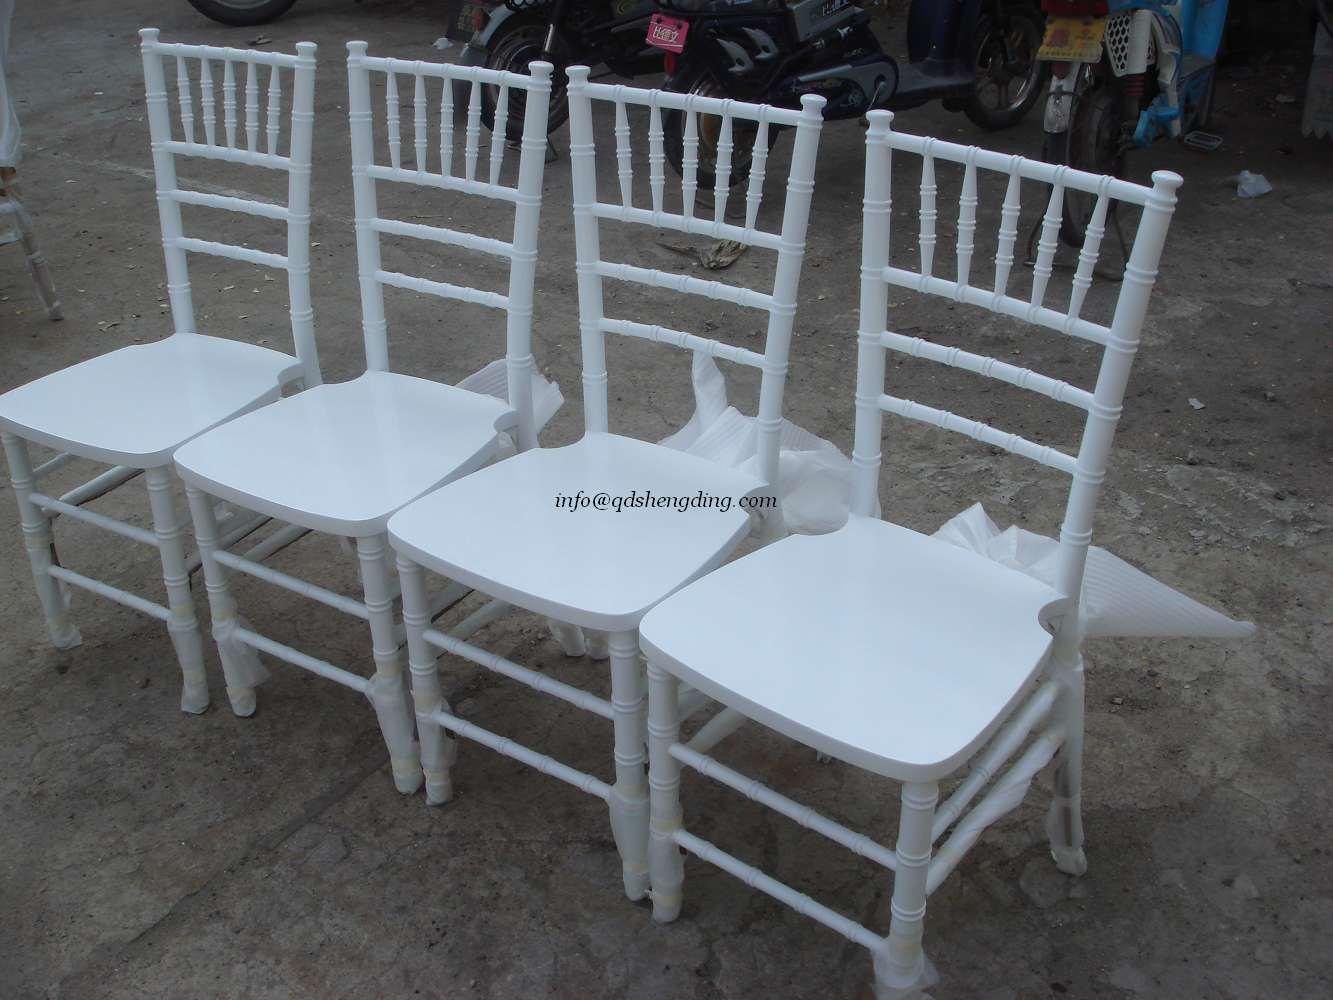 Sedie bianche di chiavari cc001 sedie bianche di for Sedie bianche